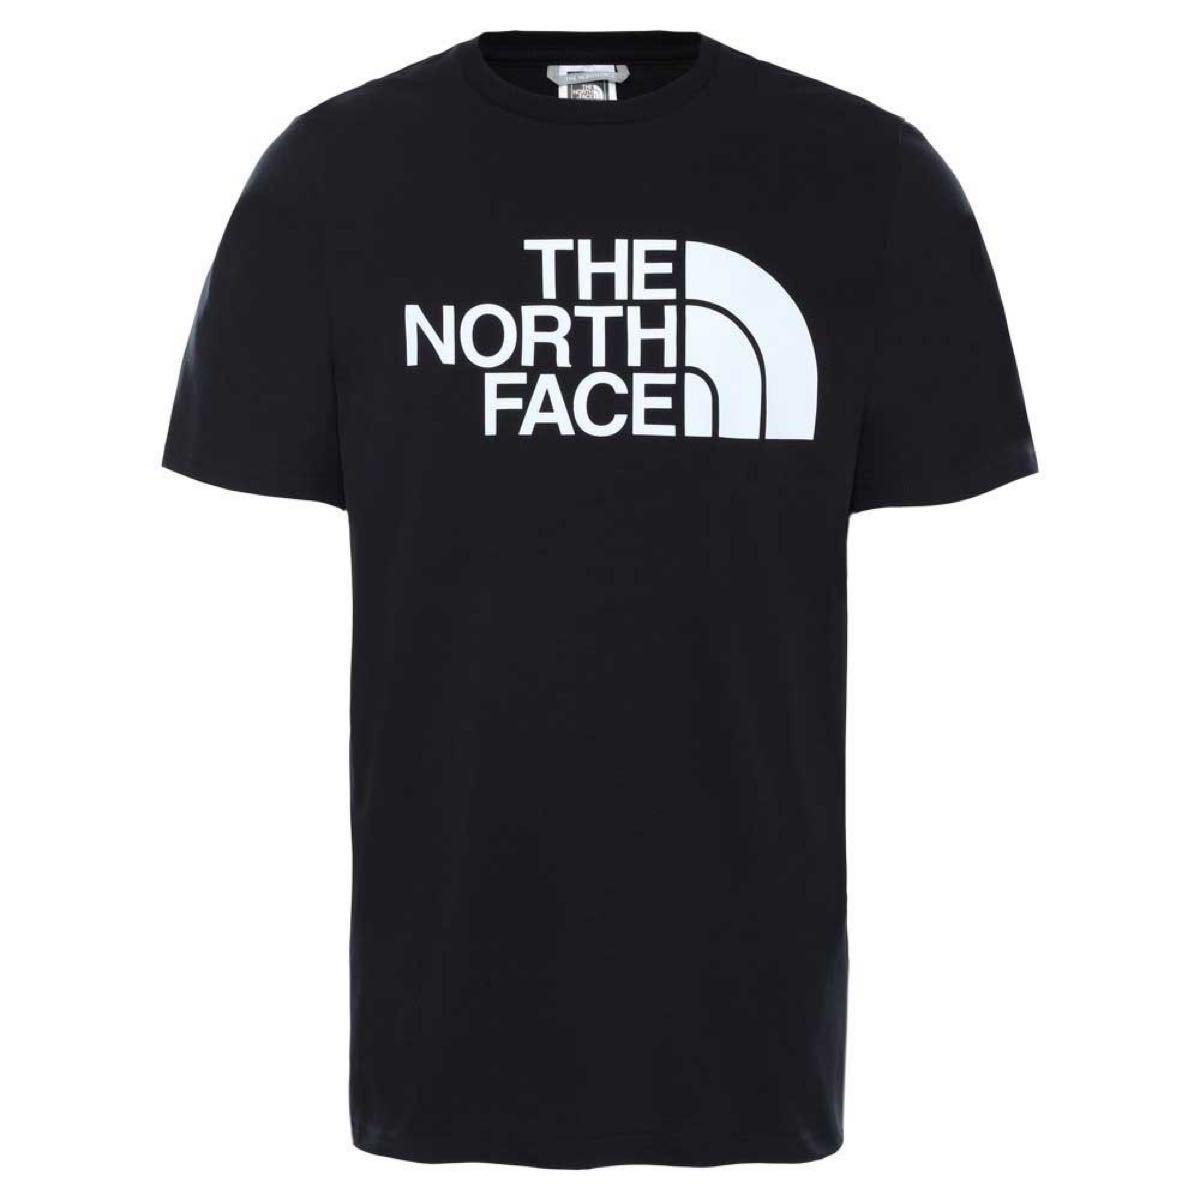 人気THE NORTH FACE ザノースフェイス メンズ Tシャツ ハーフドームロゴ ブラック黒 海外-M(日本サイズL相当)